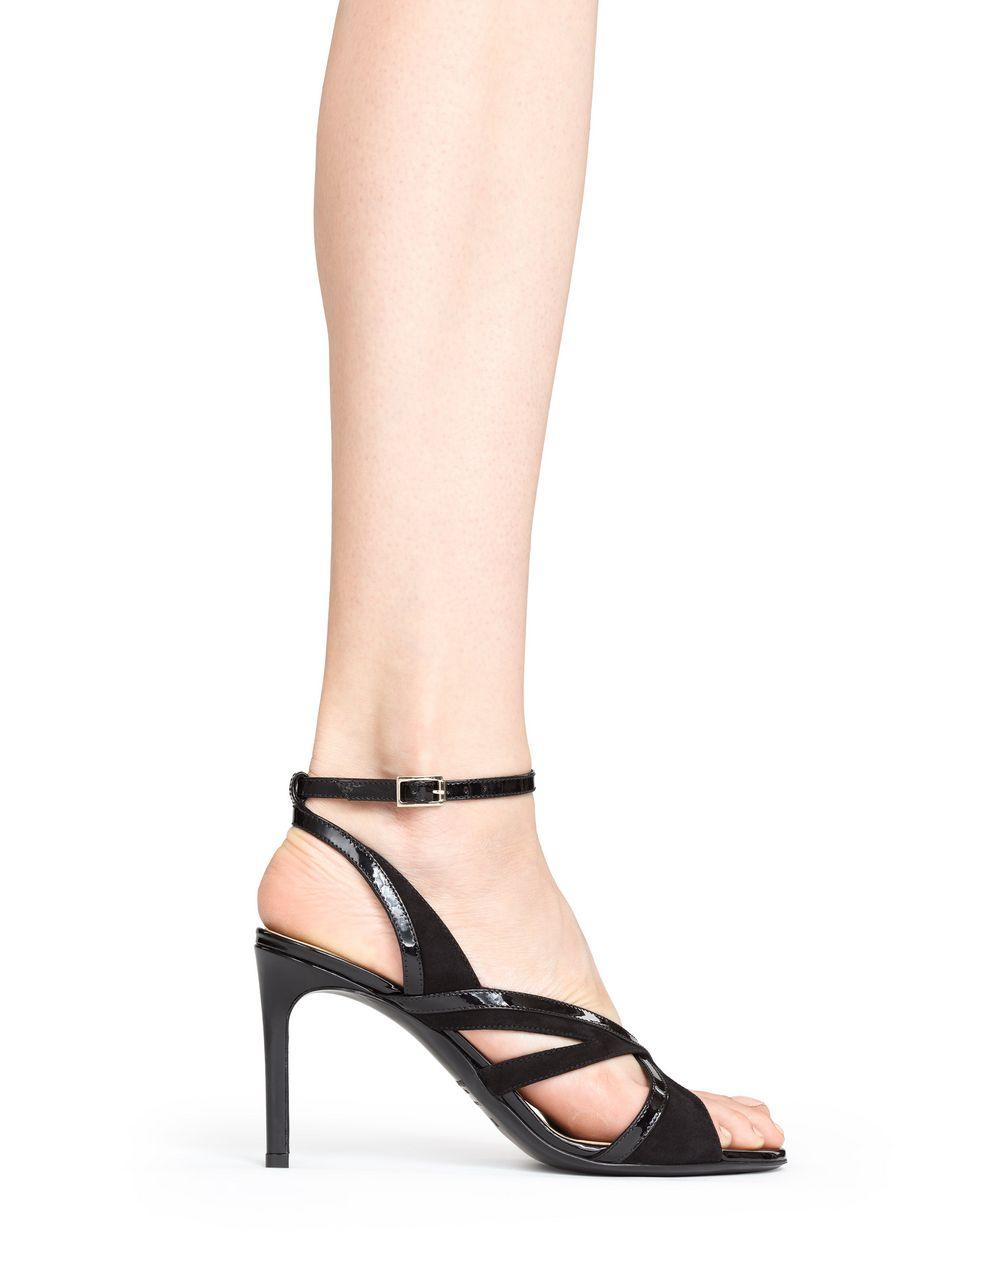 sandale crois e talon lanvin sandale femme boutique. Black Bedroom Furniture Sets. Home Design Ideas